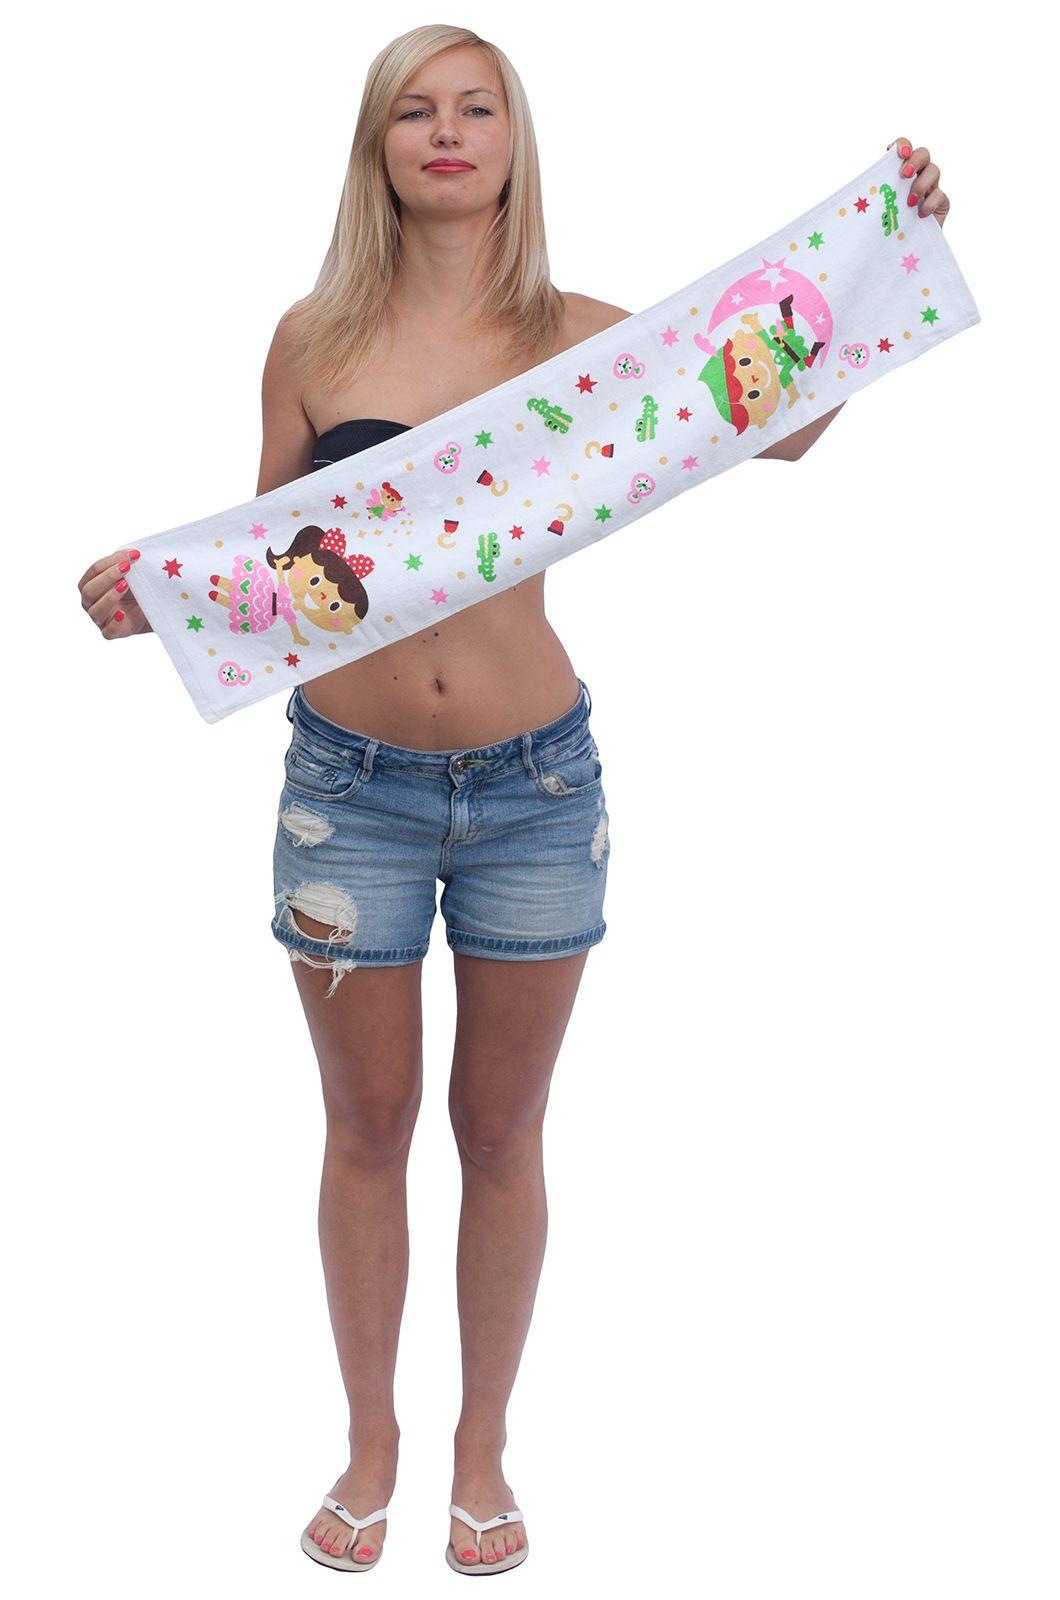 Полотенце с детским рисунком - купить в интернет-магазине